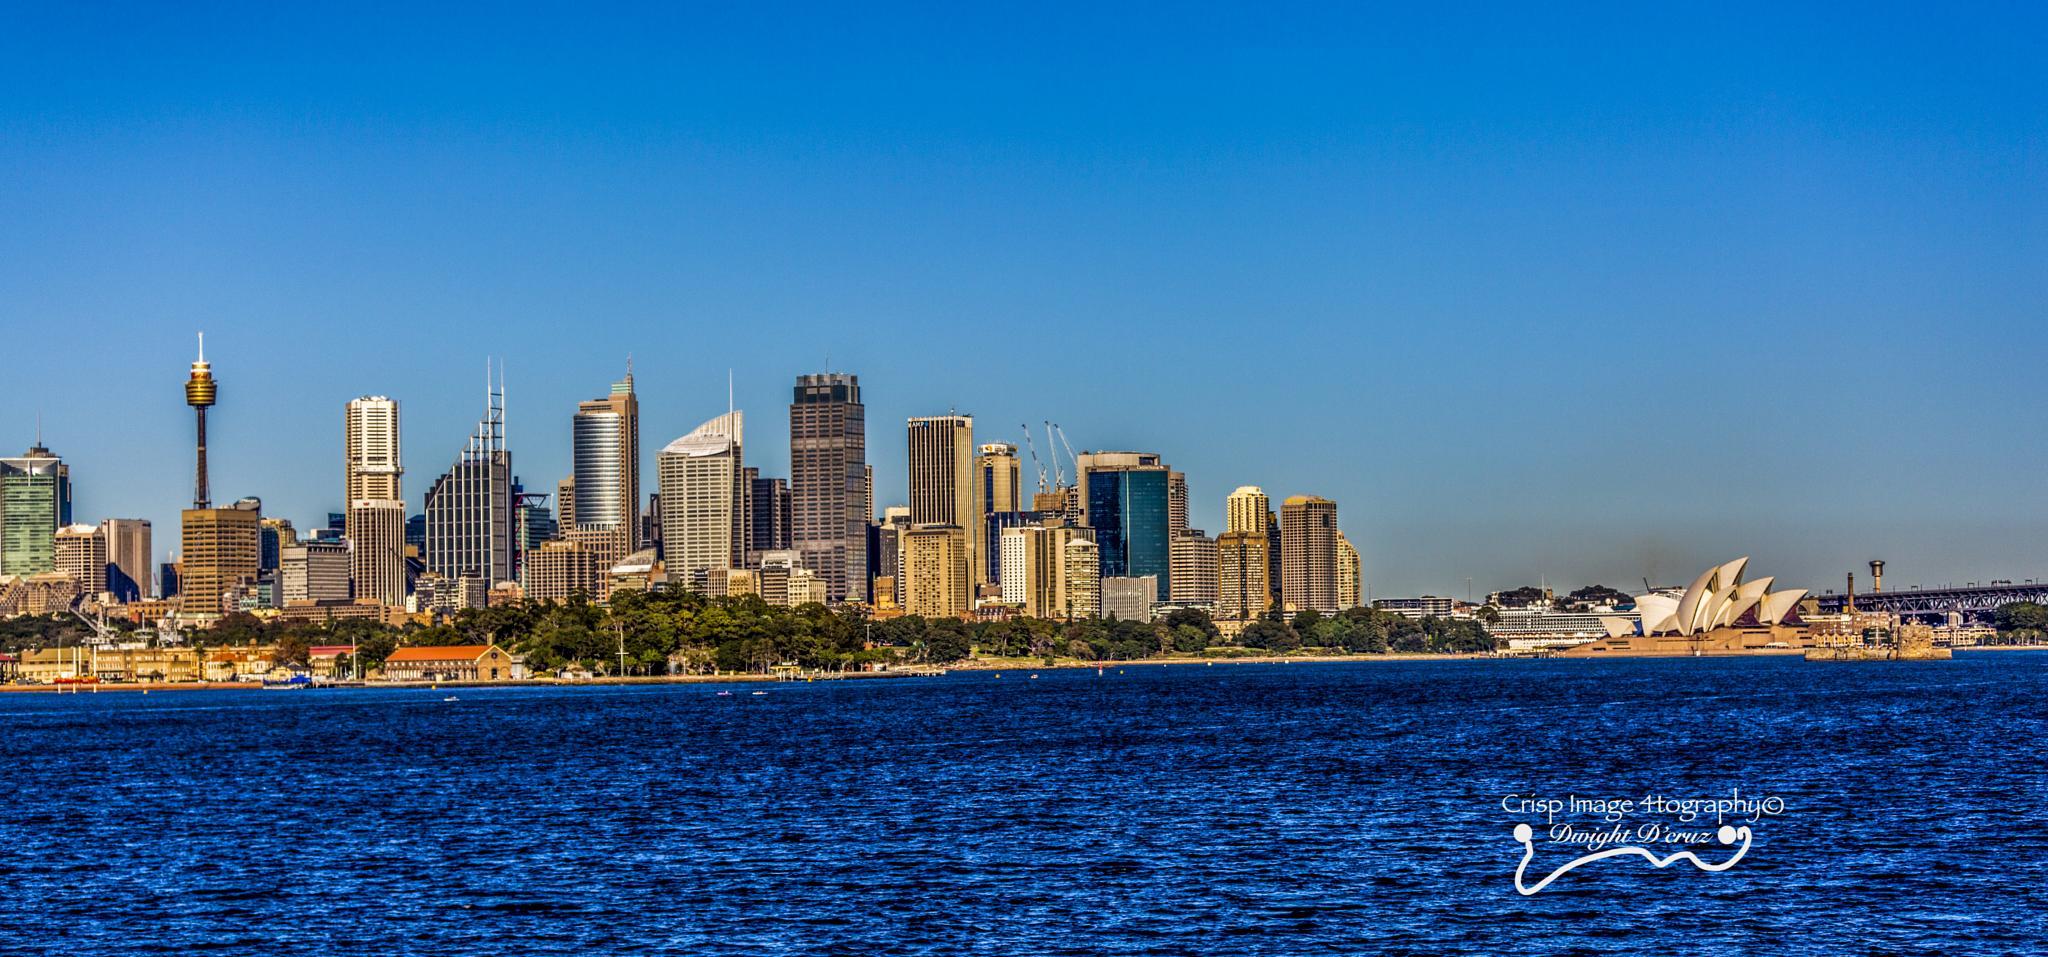 Photo in Cityscape #sydney #harbour #australia #coastal #skyline #building #cityscape #business #travel destination #travel #tourism